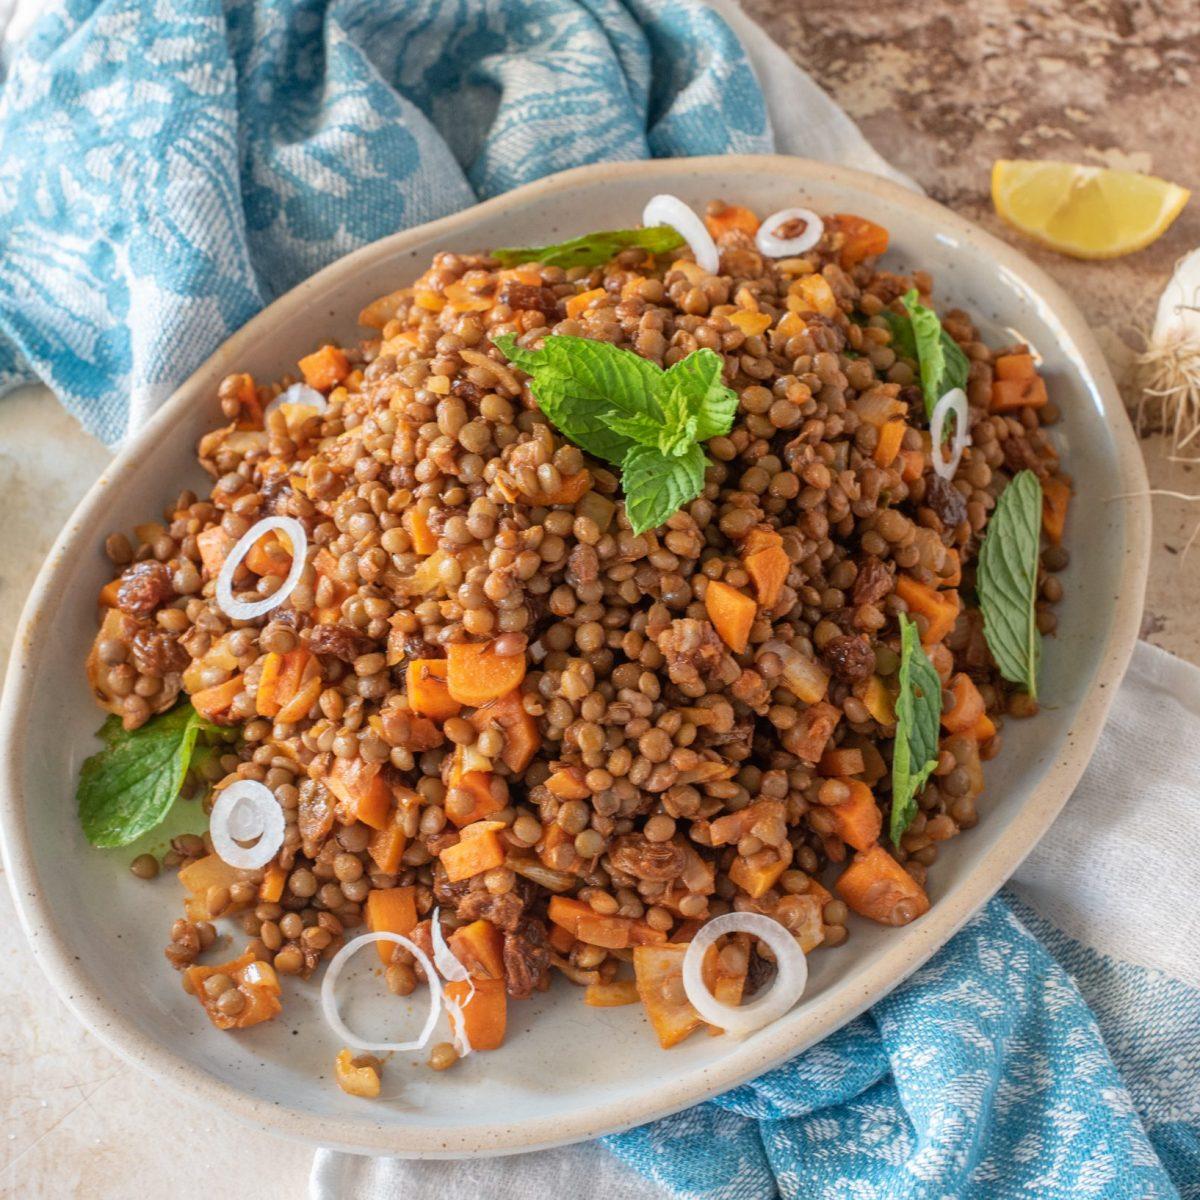 Ricetta Lenticchie.Insalata Di Lenticchie Alla Marocchina La Ricetta Del Piatto Estivo E Mediterraneo